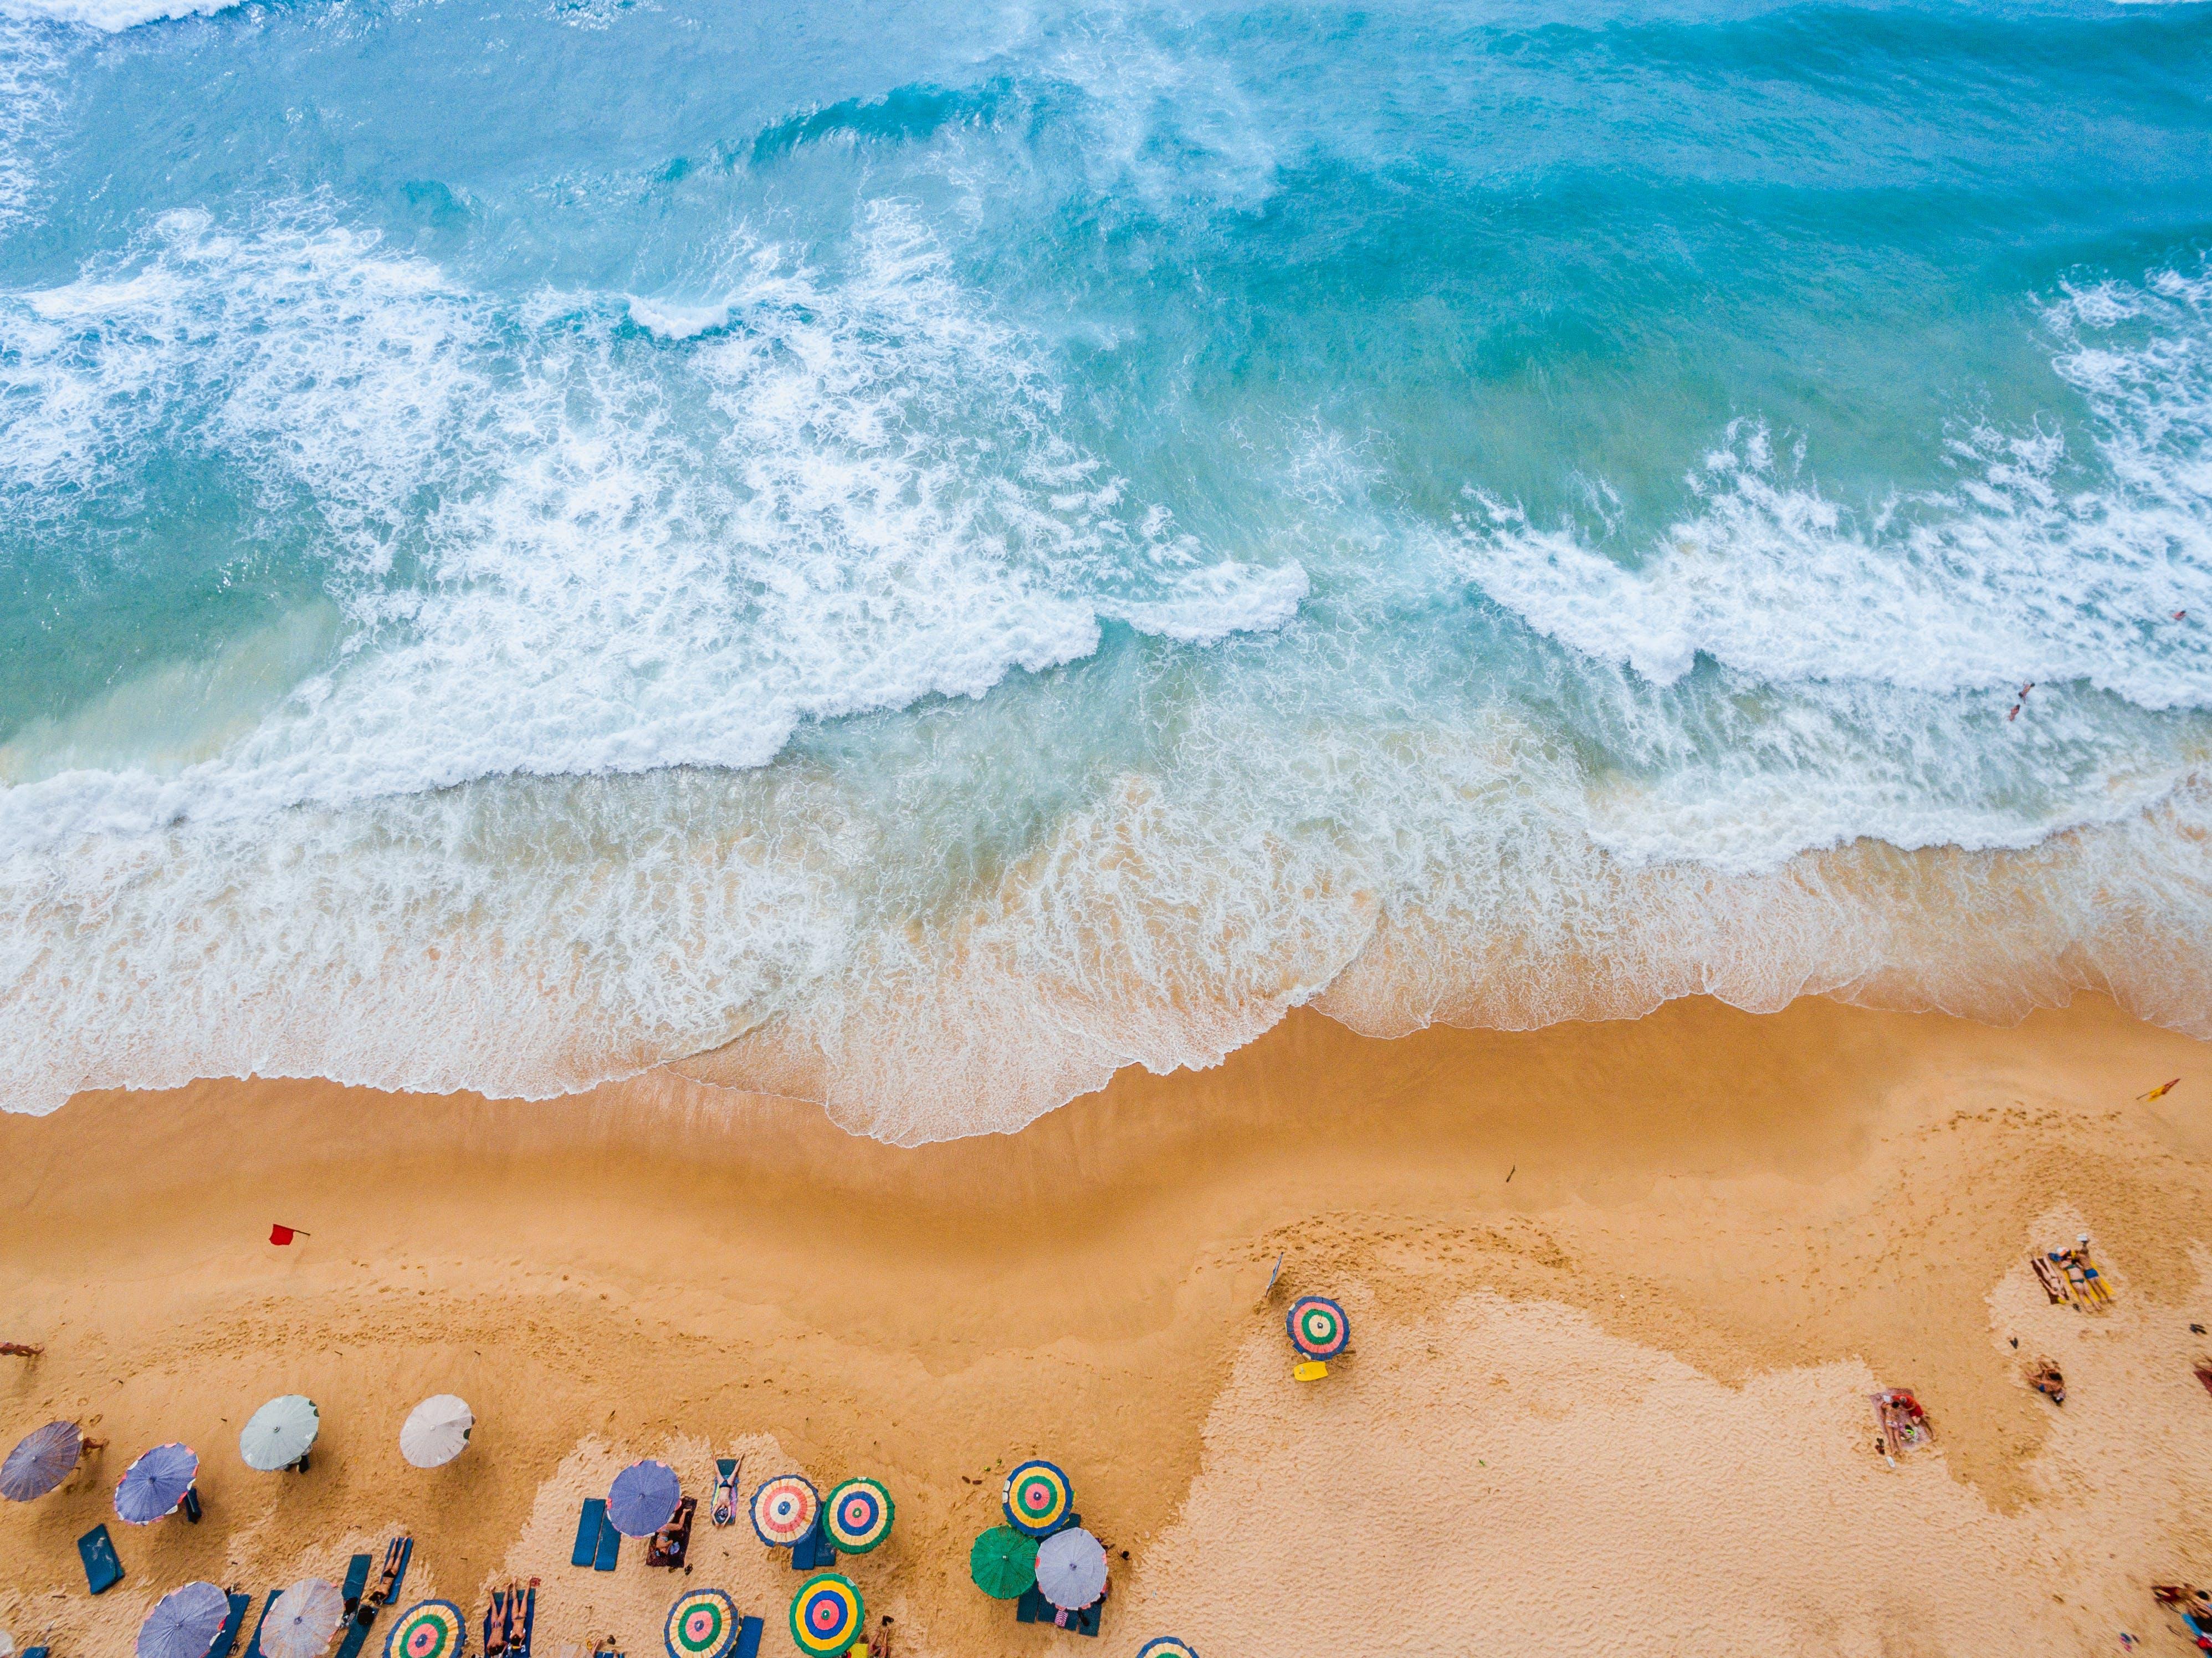 Kostenloses Stock Foto zu badeort, blau, draußen, landschaft